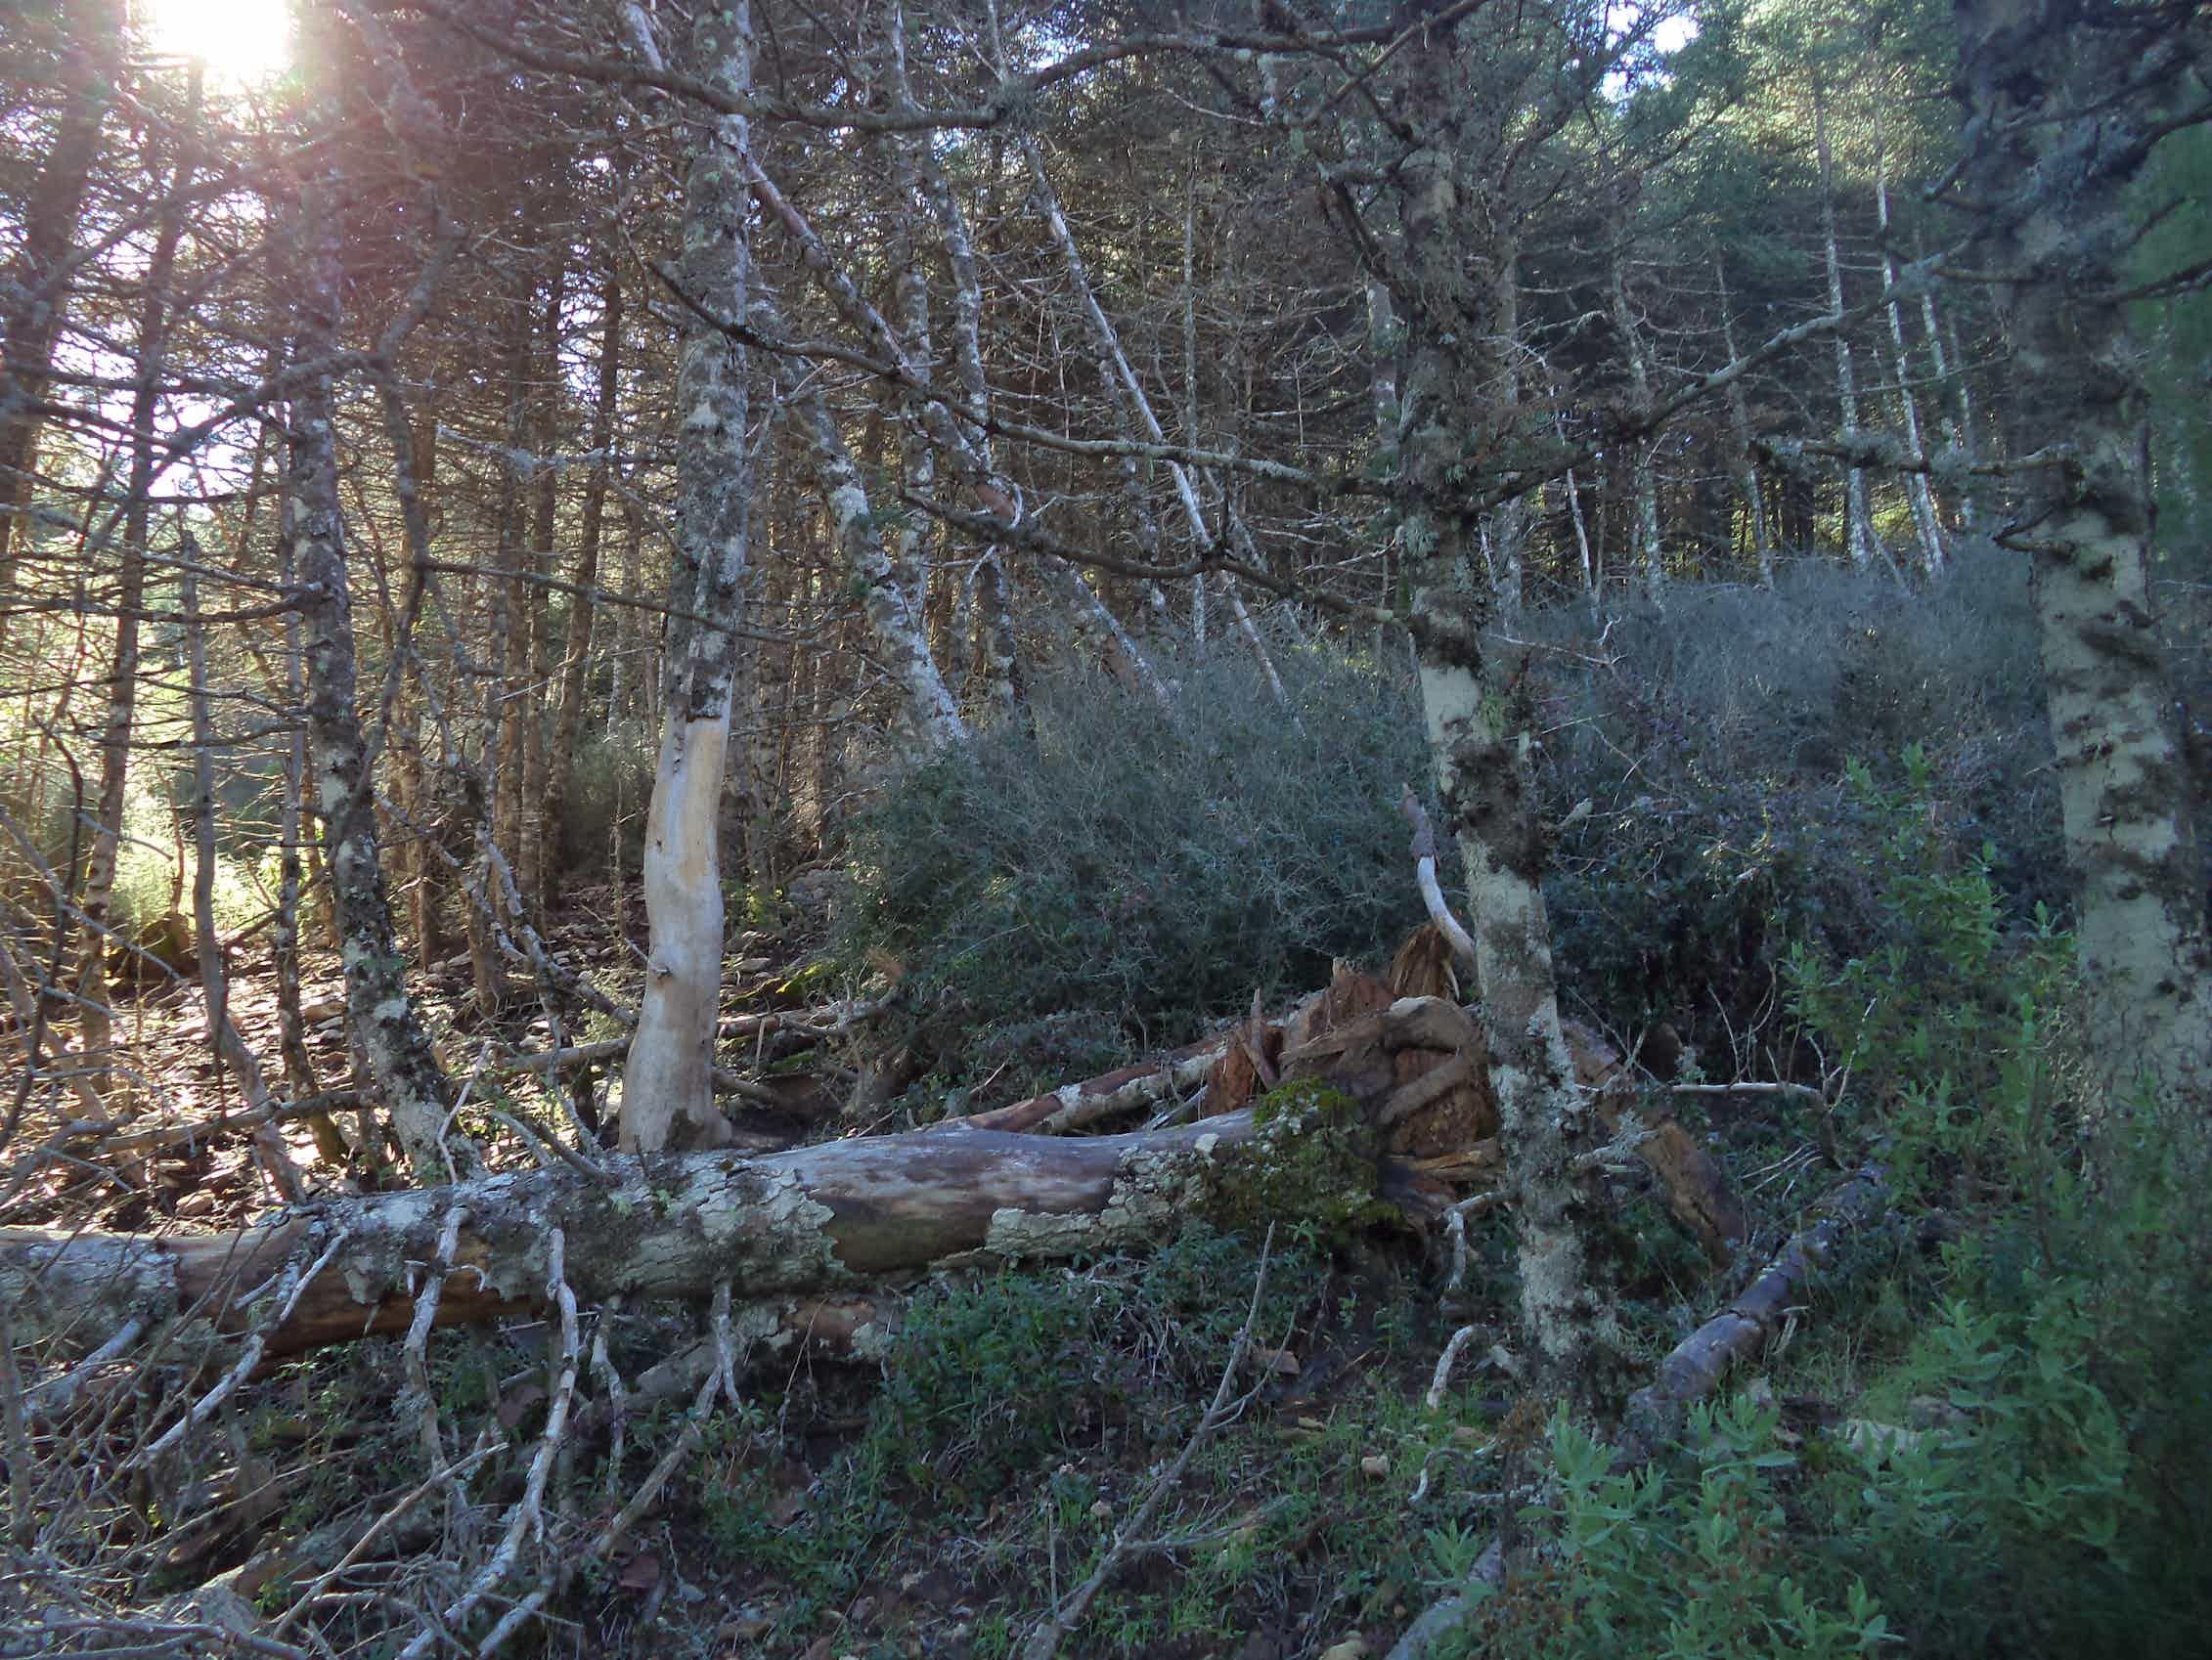 La mortalidad de pinsapos en bosques demasiado poblados lleva a la proliferación de un sotobosque de matorral denso que incrementa el riesgo de incendio.Álvaro Cortés Molino,Author provided